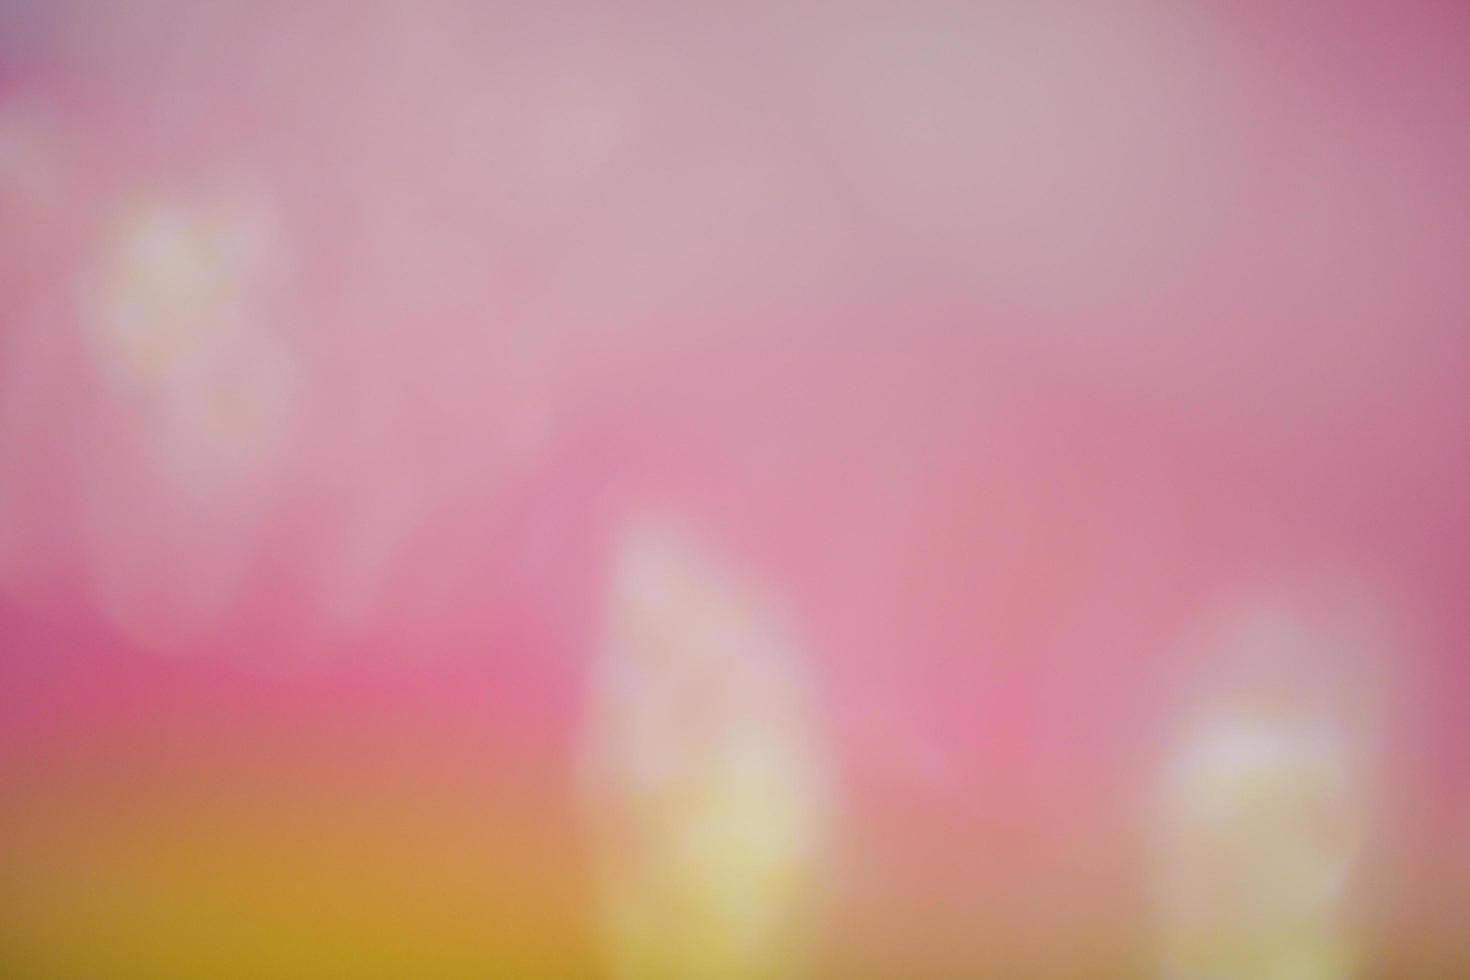 arrière-plan flou coloré photo